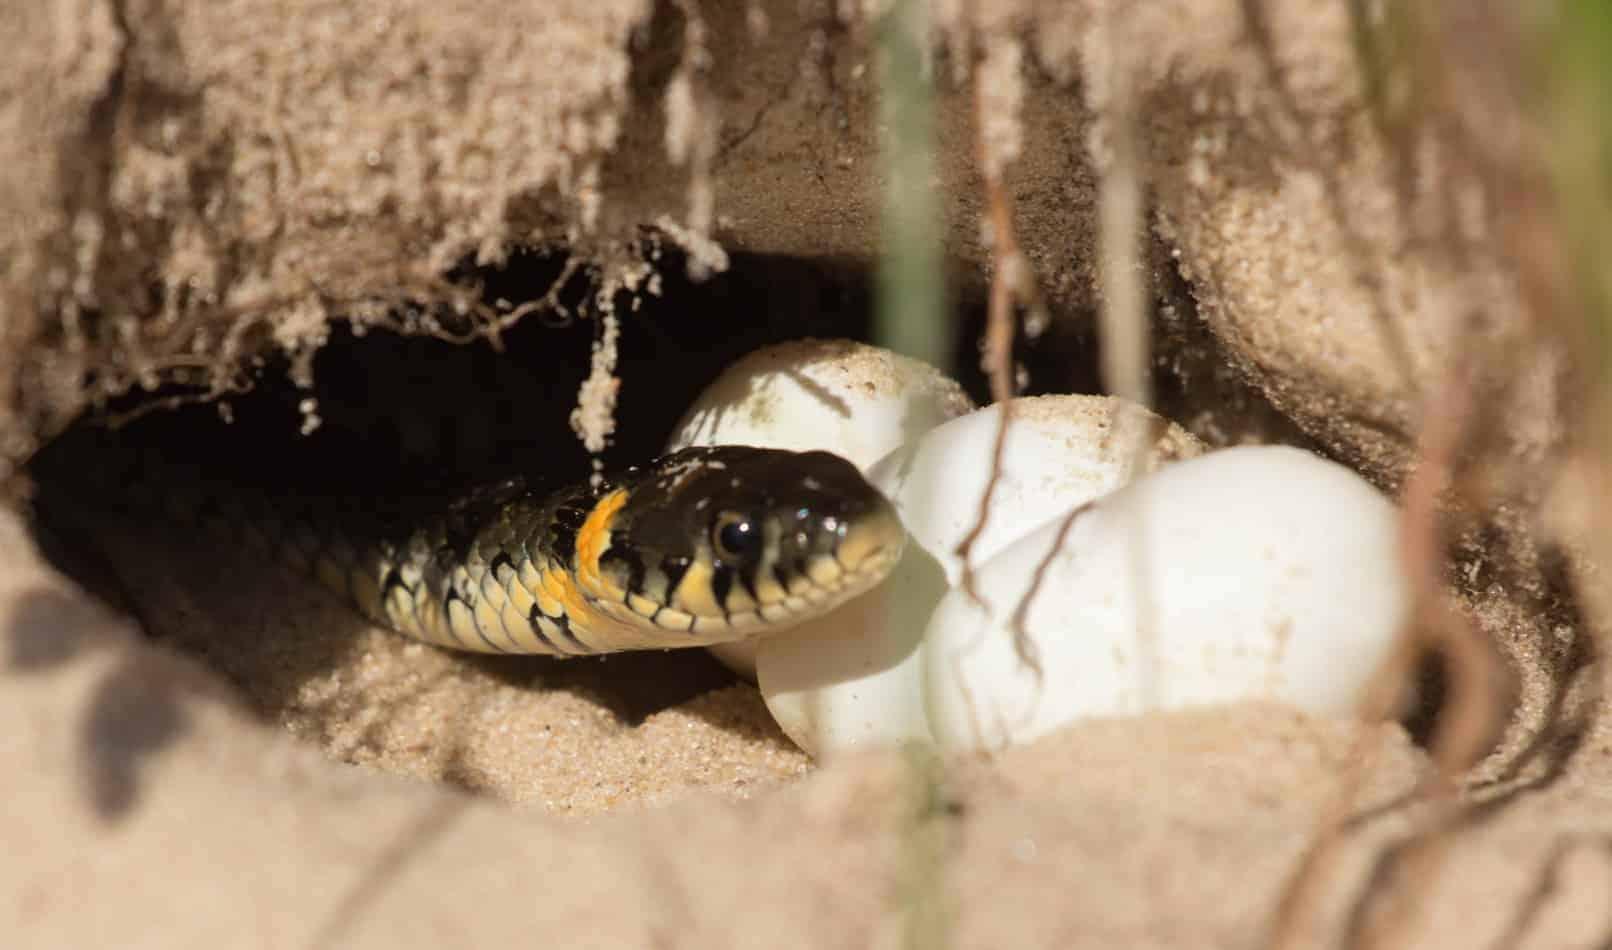 Do Snakes Nurse Their Young?